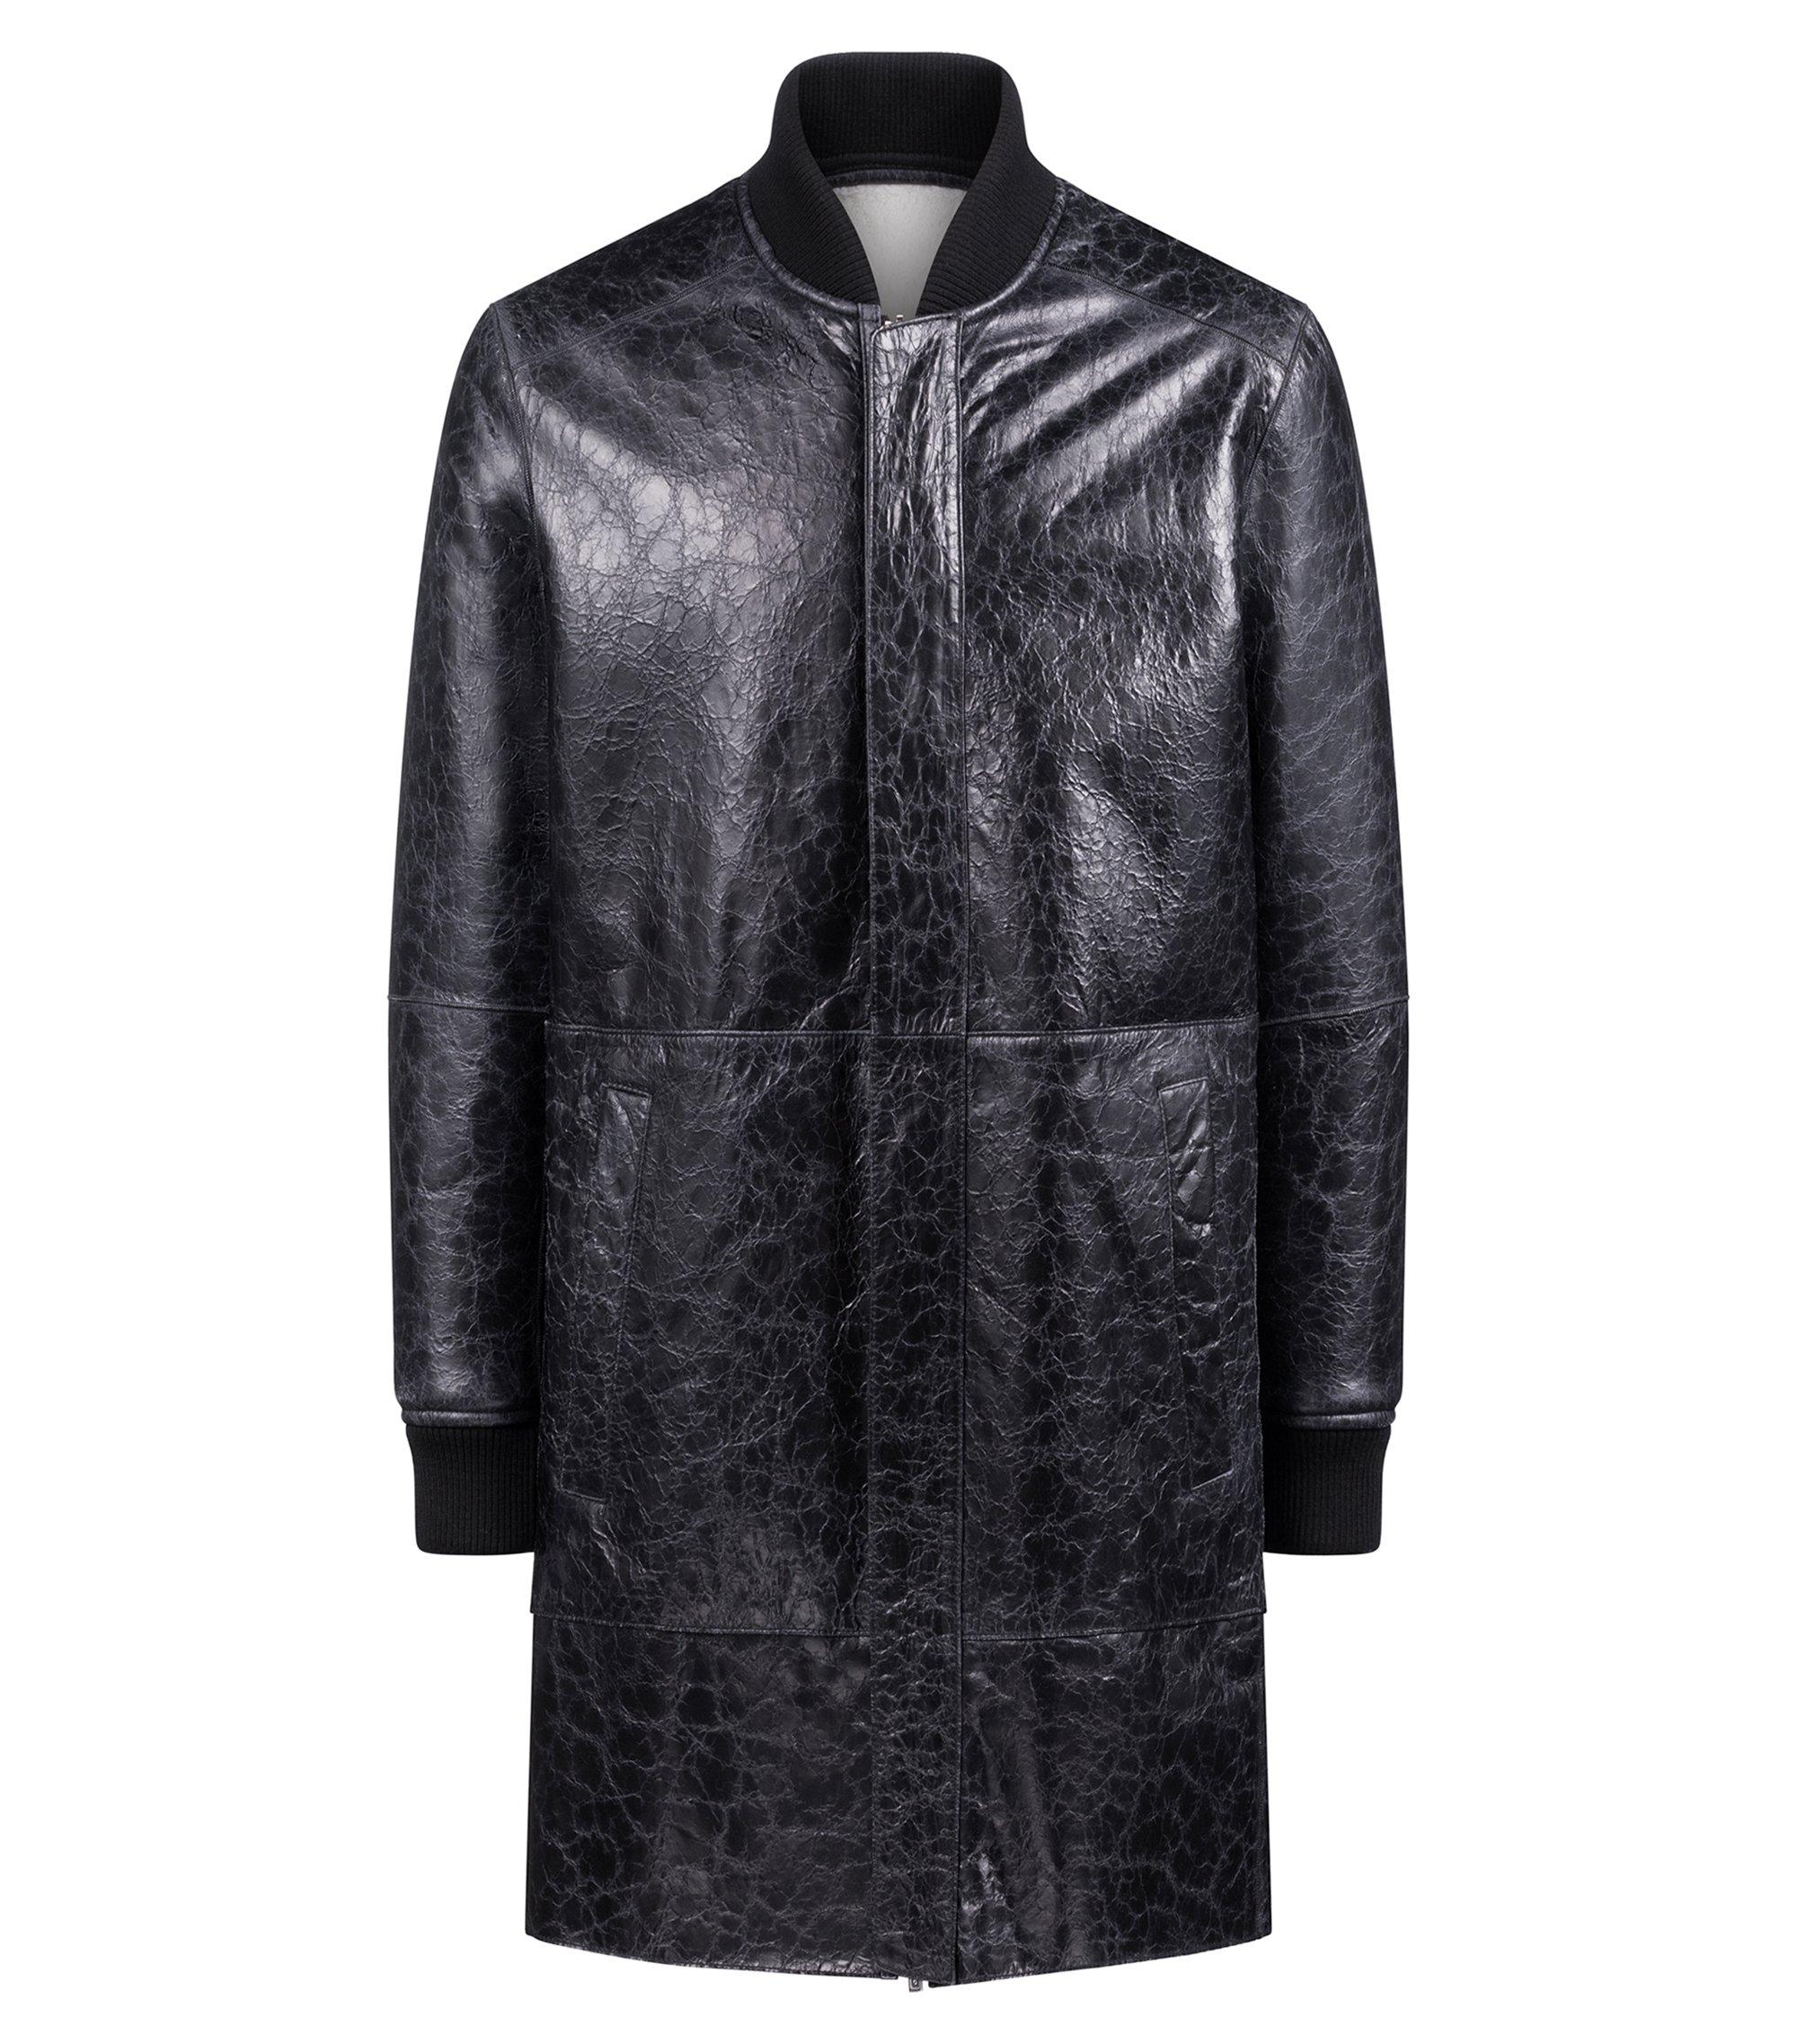 Veste mixte réversible en cuir d'agneau et peau lainée, Noir